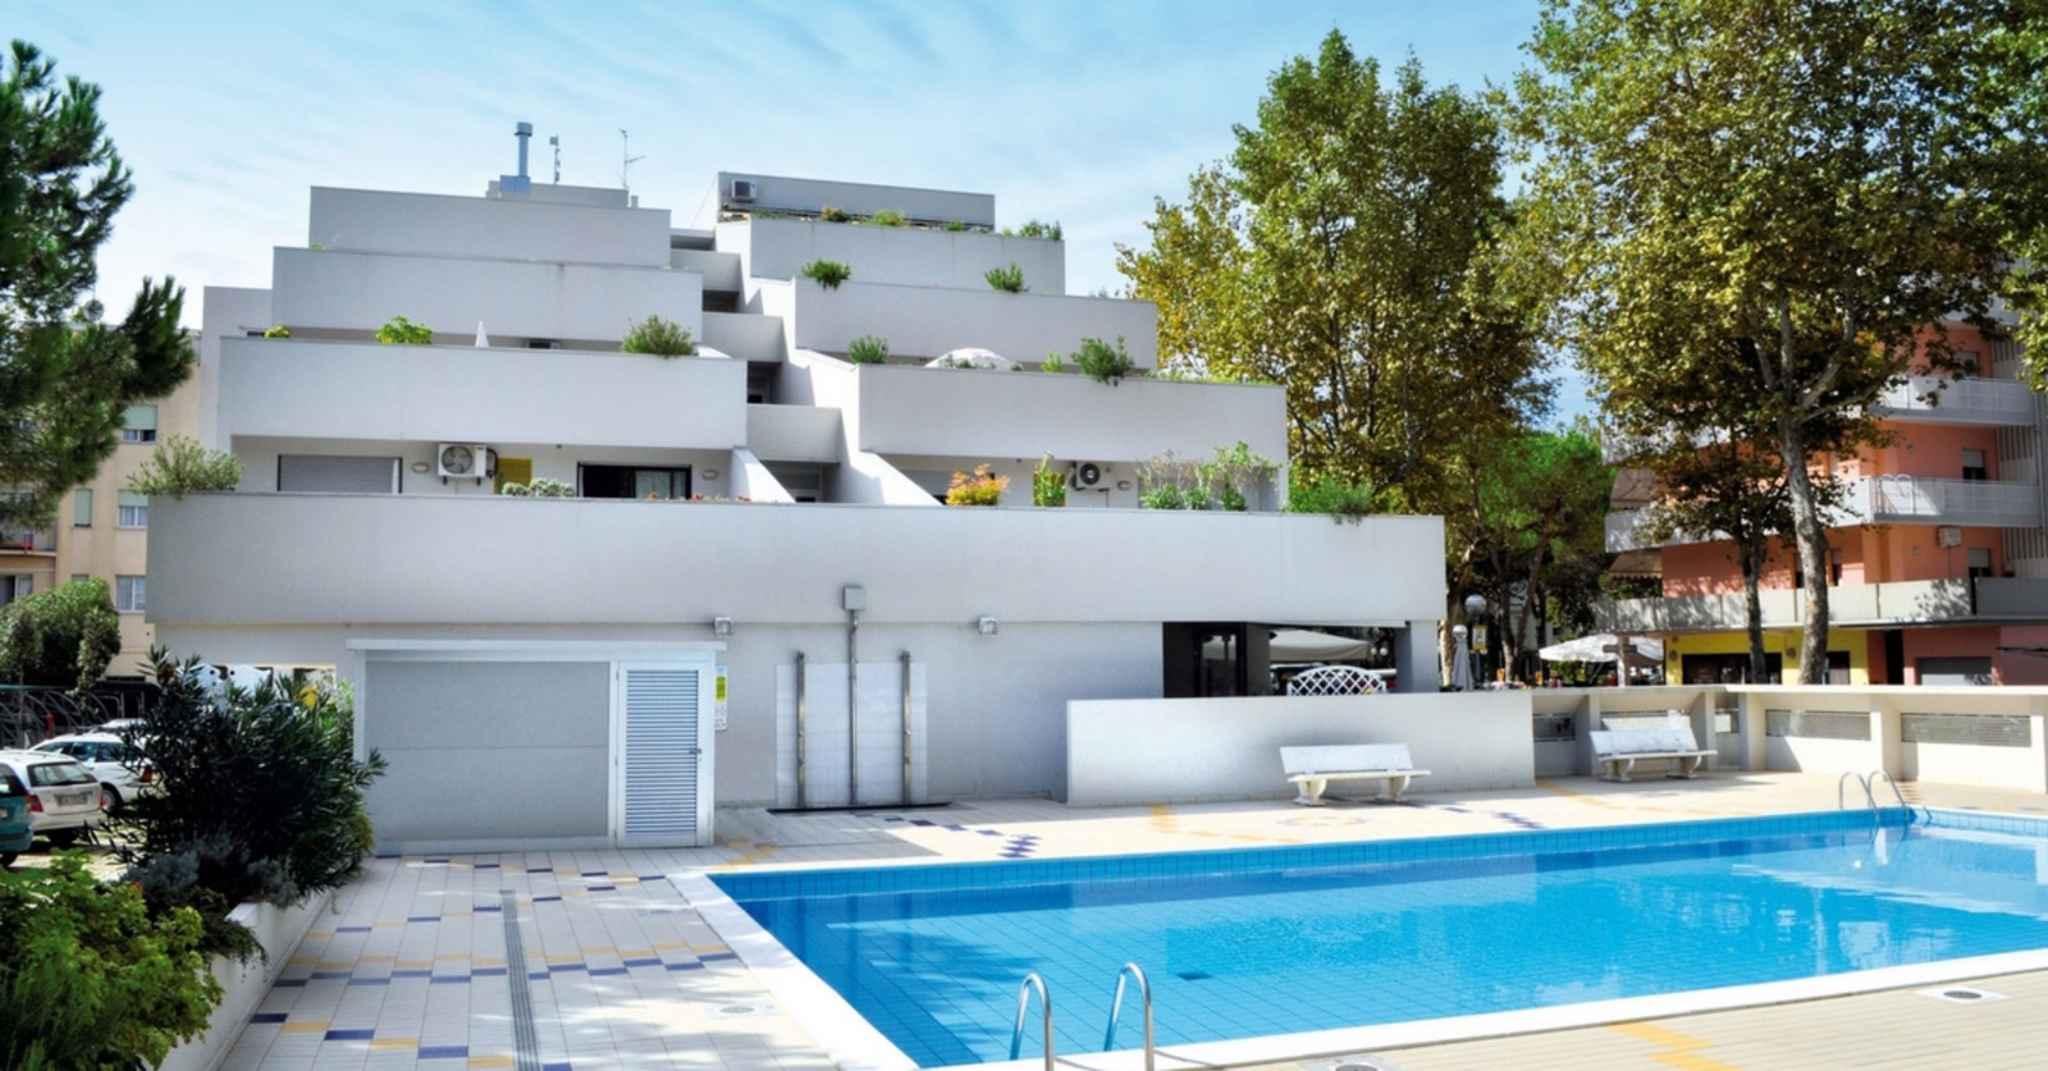 Ferienwohnung mit überdachter Terrasse